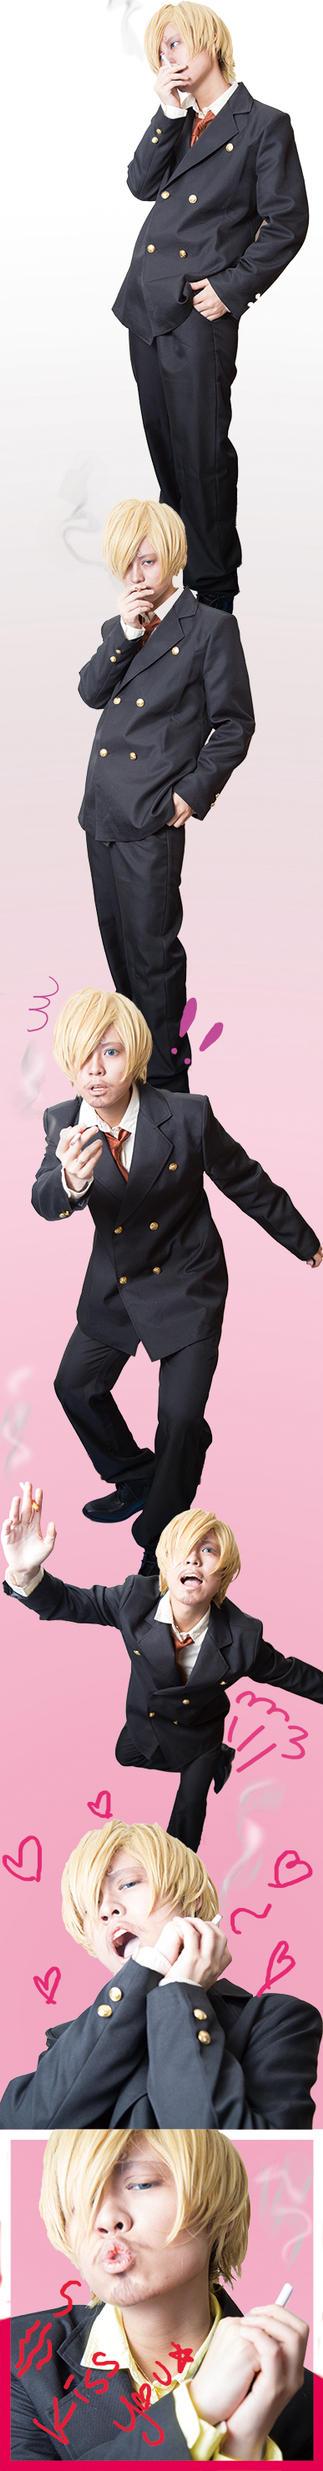 Sanji going merorine by YURI-27